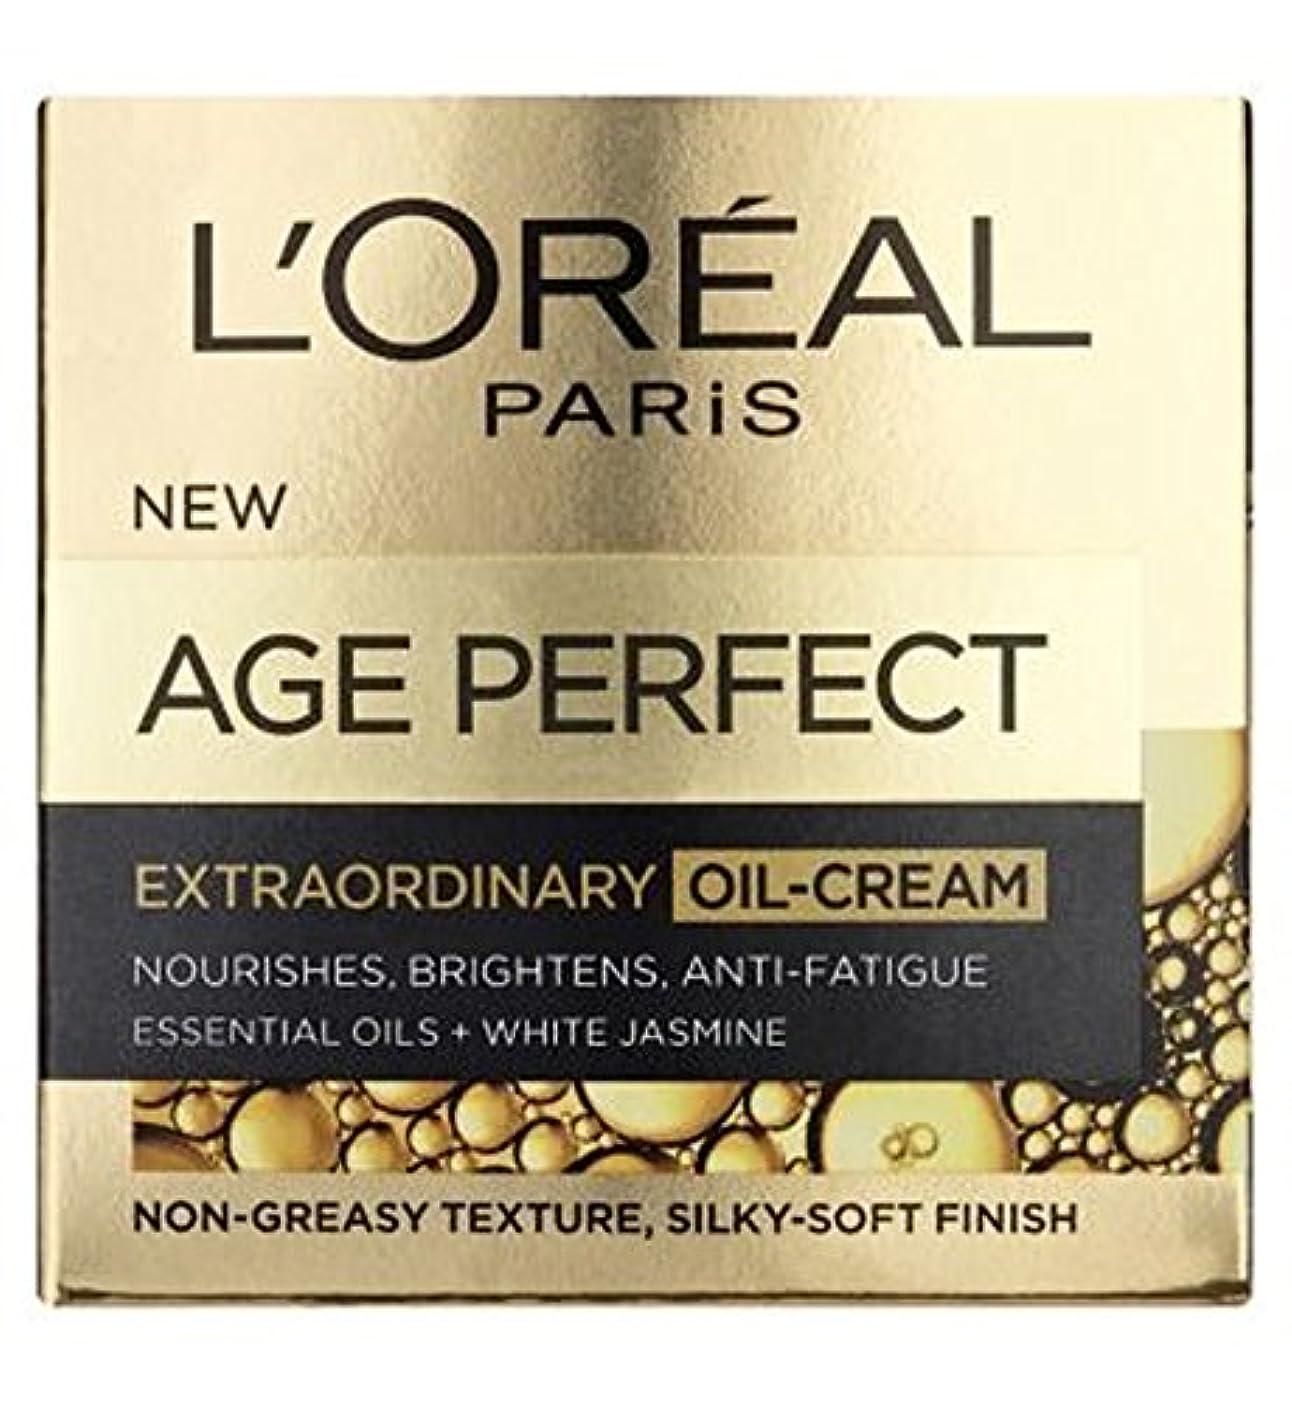 ちょうつがい鰐保証L'Oreal Paris Extraordinary Oil Cream - ロレアルパリ臨時油クリーム (L'Oreal) [並行輸入品]